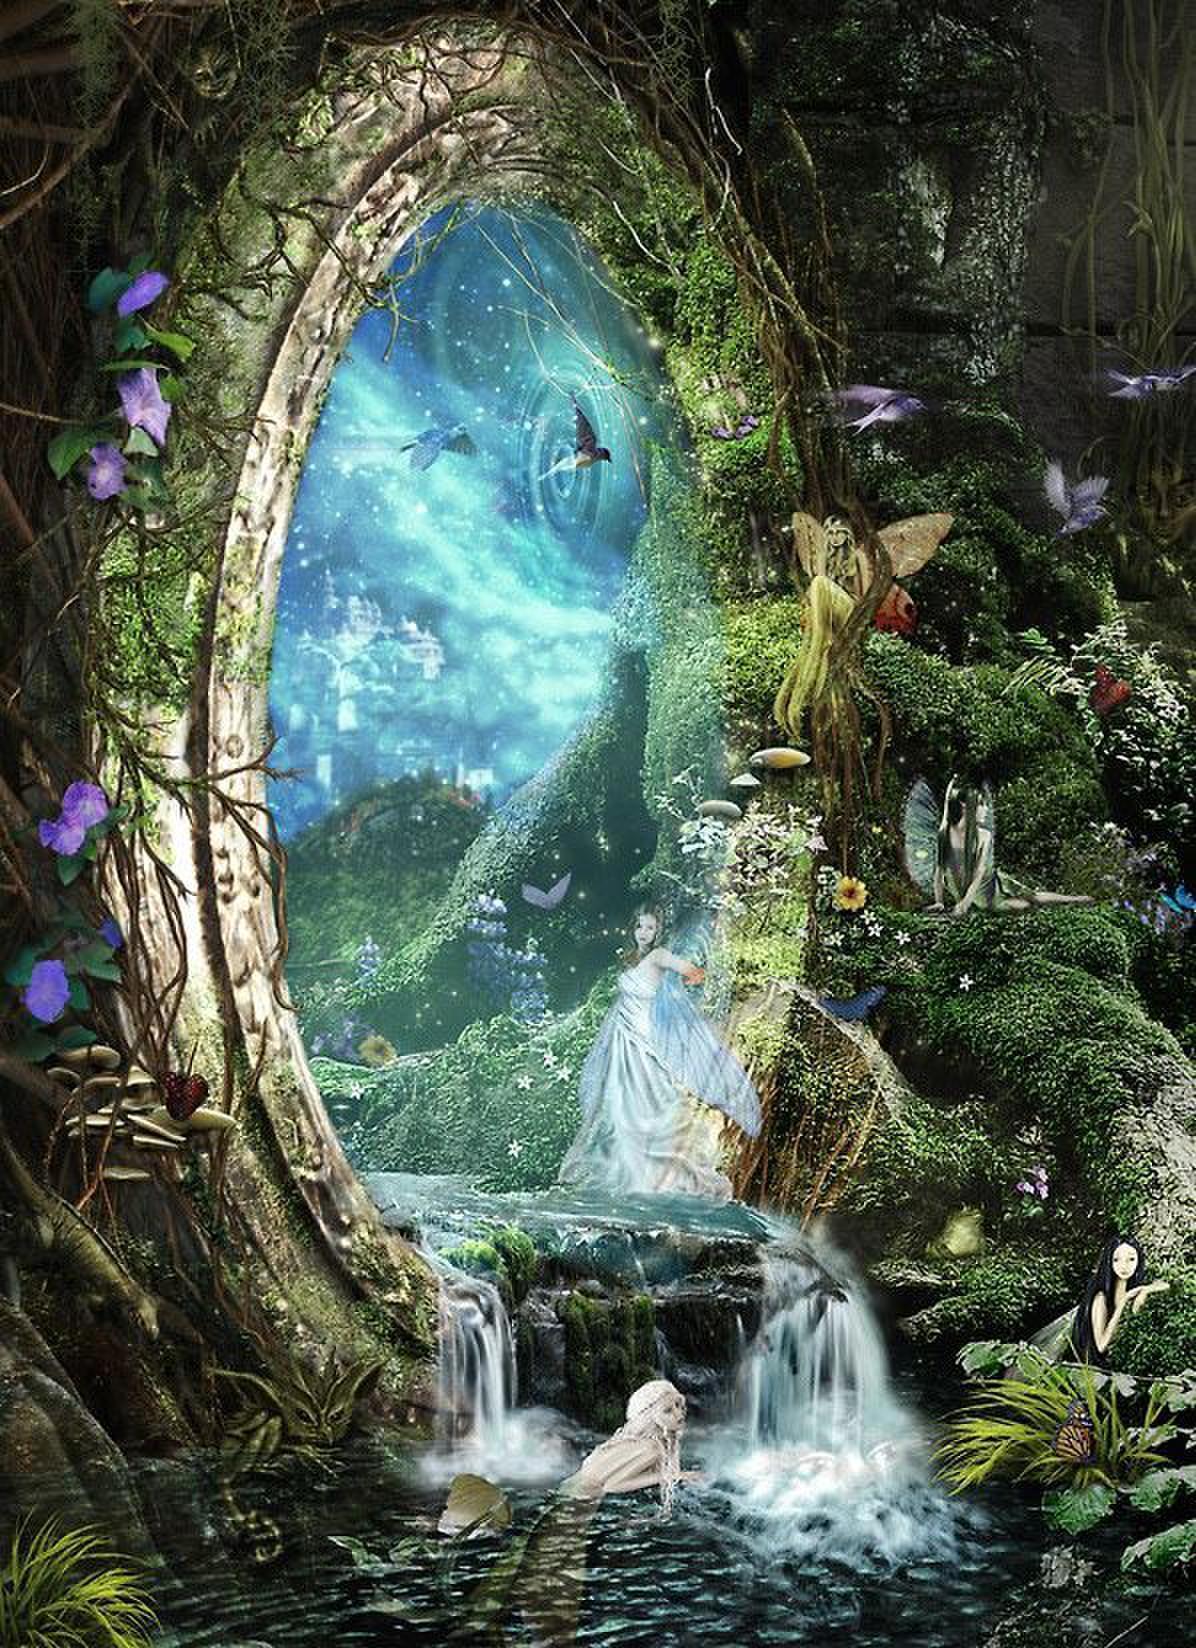 L'Amore è la Via, è il percorso, la partenza, la destinazione